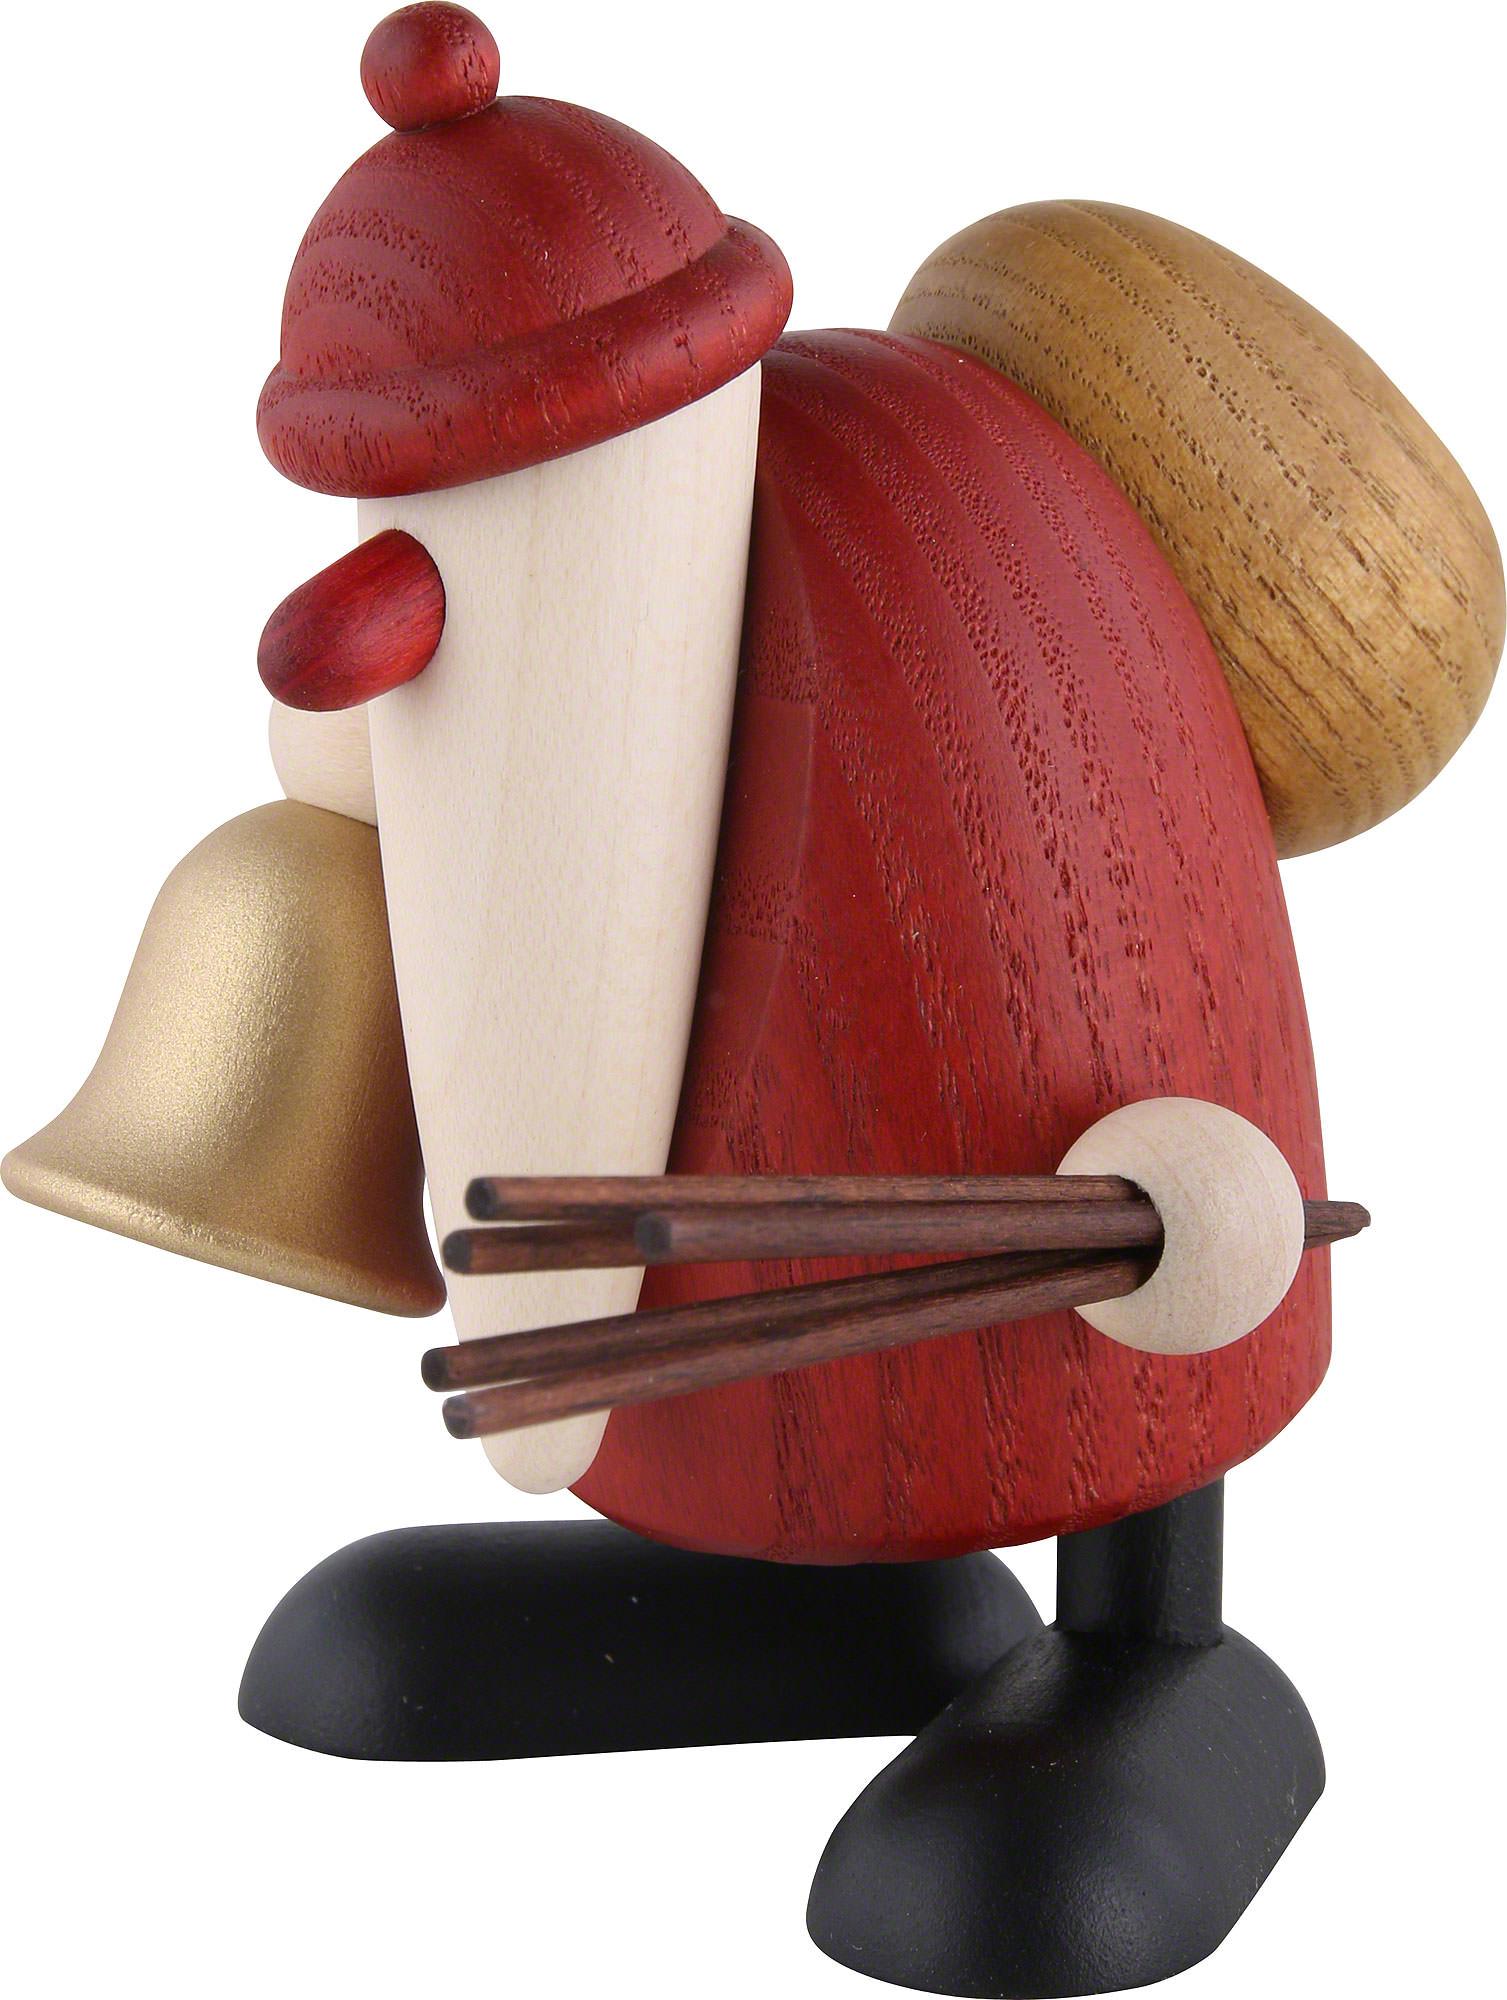 weihnachtsmann mit glocke und rute 9cm von bj rn k hler. Black Bedroom Furniture Sets. Home Design Ideas